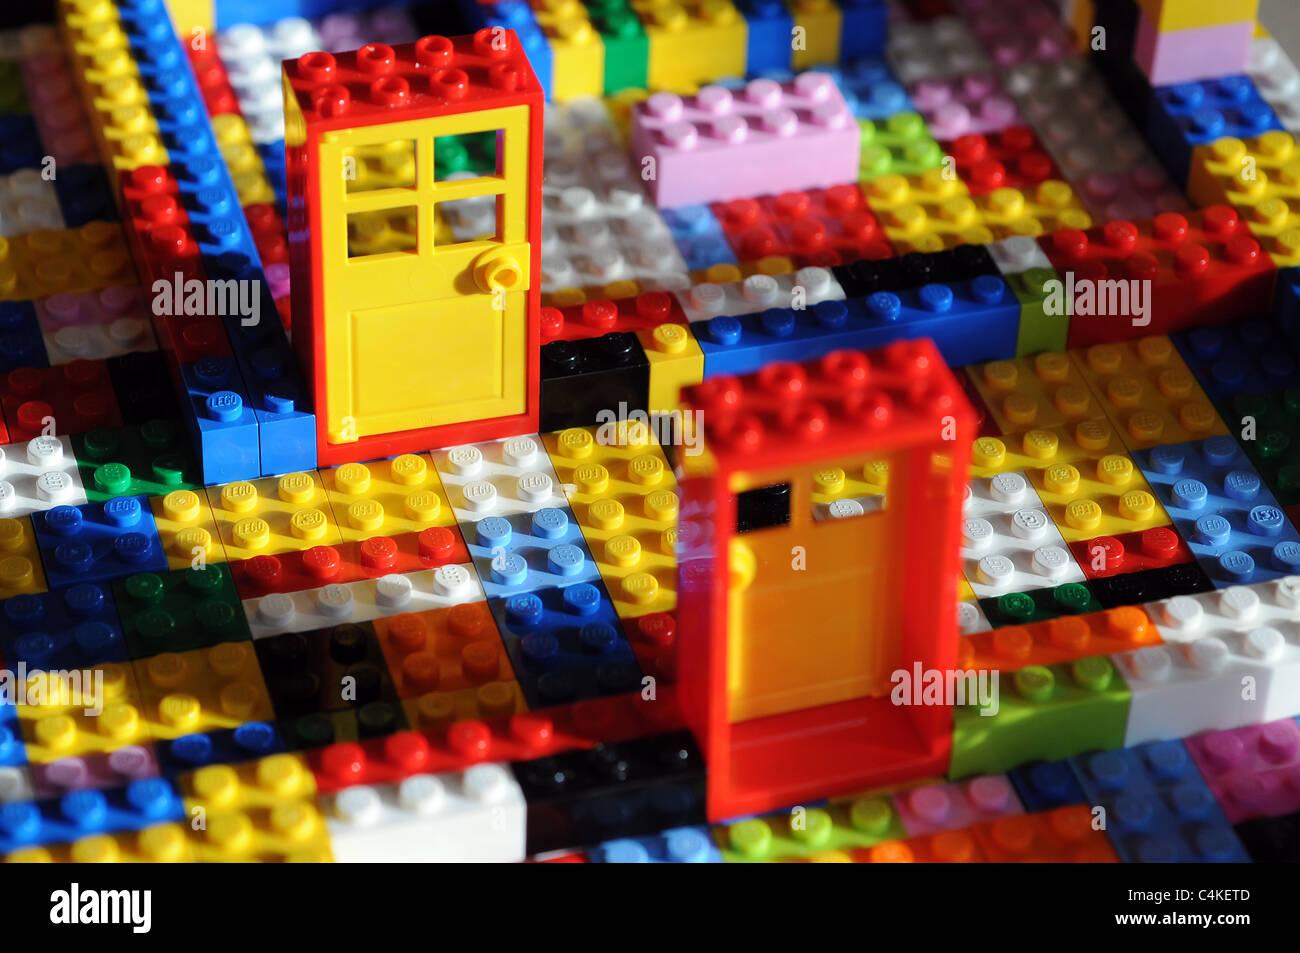 Lego toy mattoni di edificio con porte e giovane,blocchi di costruzione,giovane,coppie,colore,costruzione,la destrezza Immagini Stock